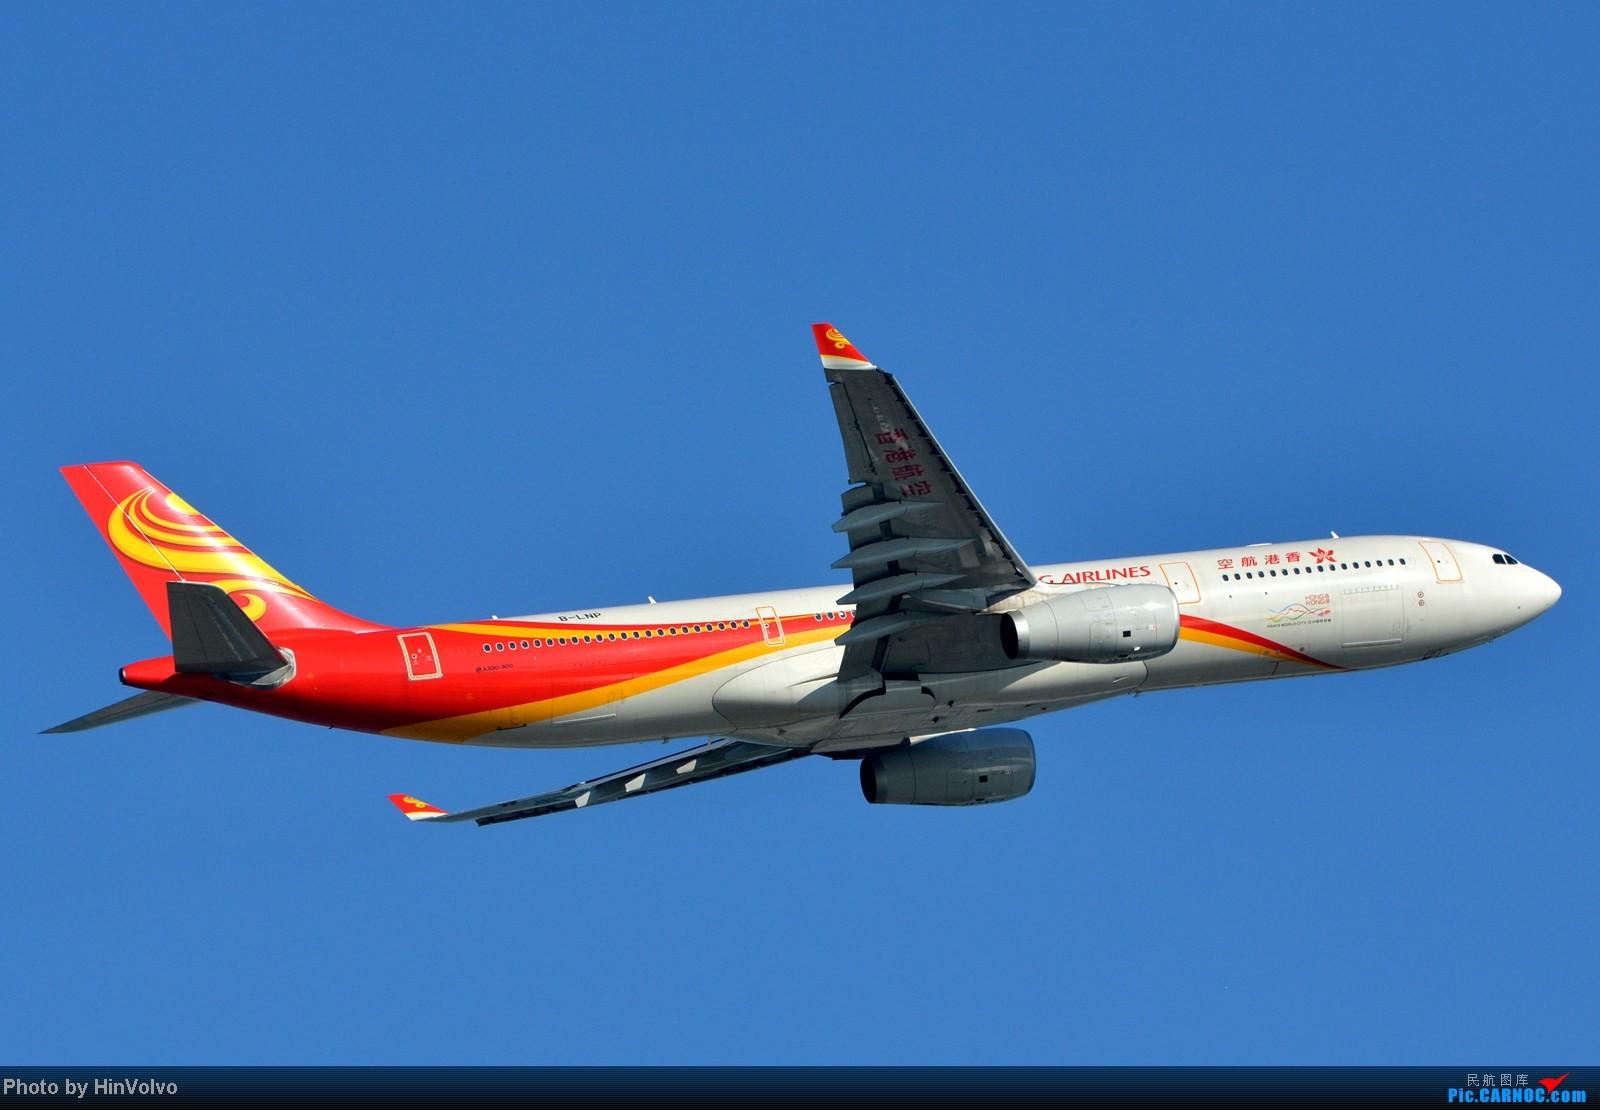 Re:[原创]~~~~多圖系列~~~HKG,早上好!寒冷的天氣出發前往機場拍到中午。 AIRBUS A330-300 B-LNP 中国香港赤鱲角机场